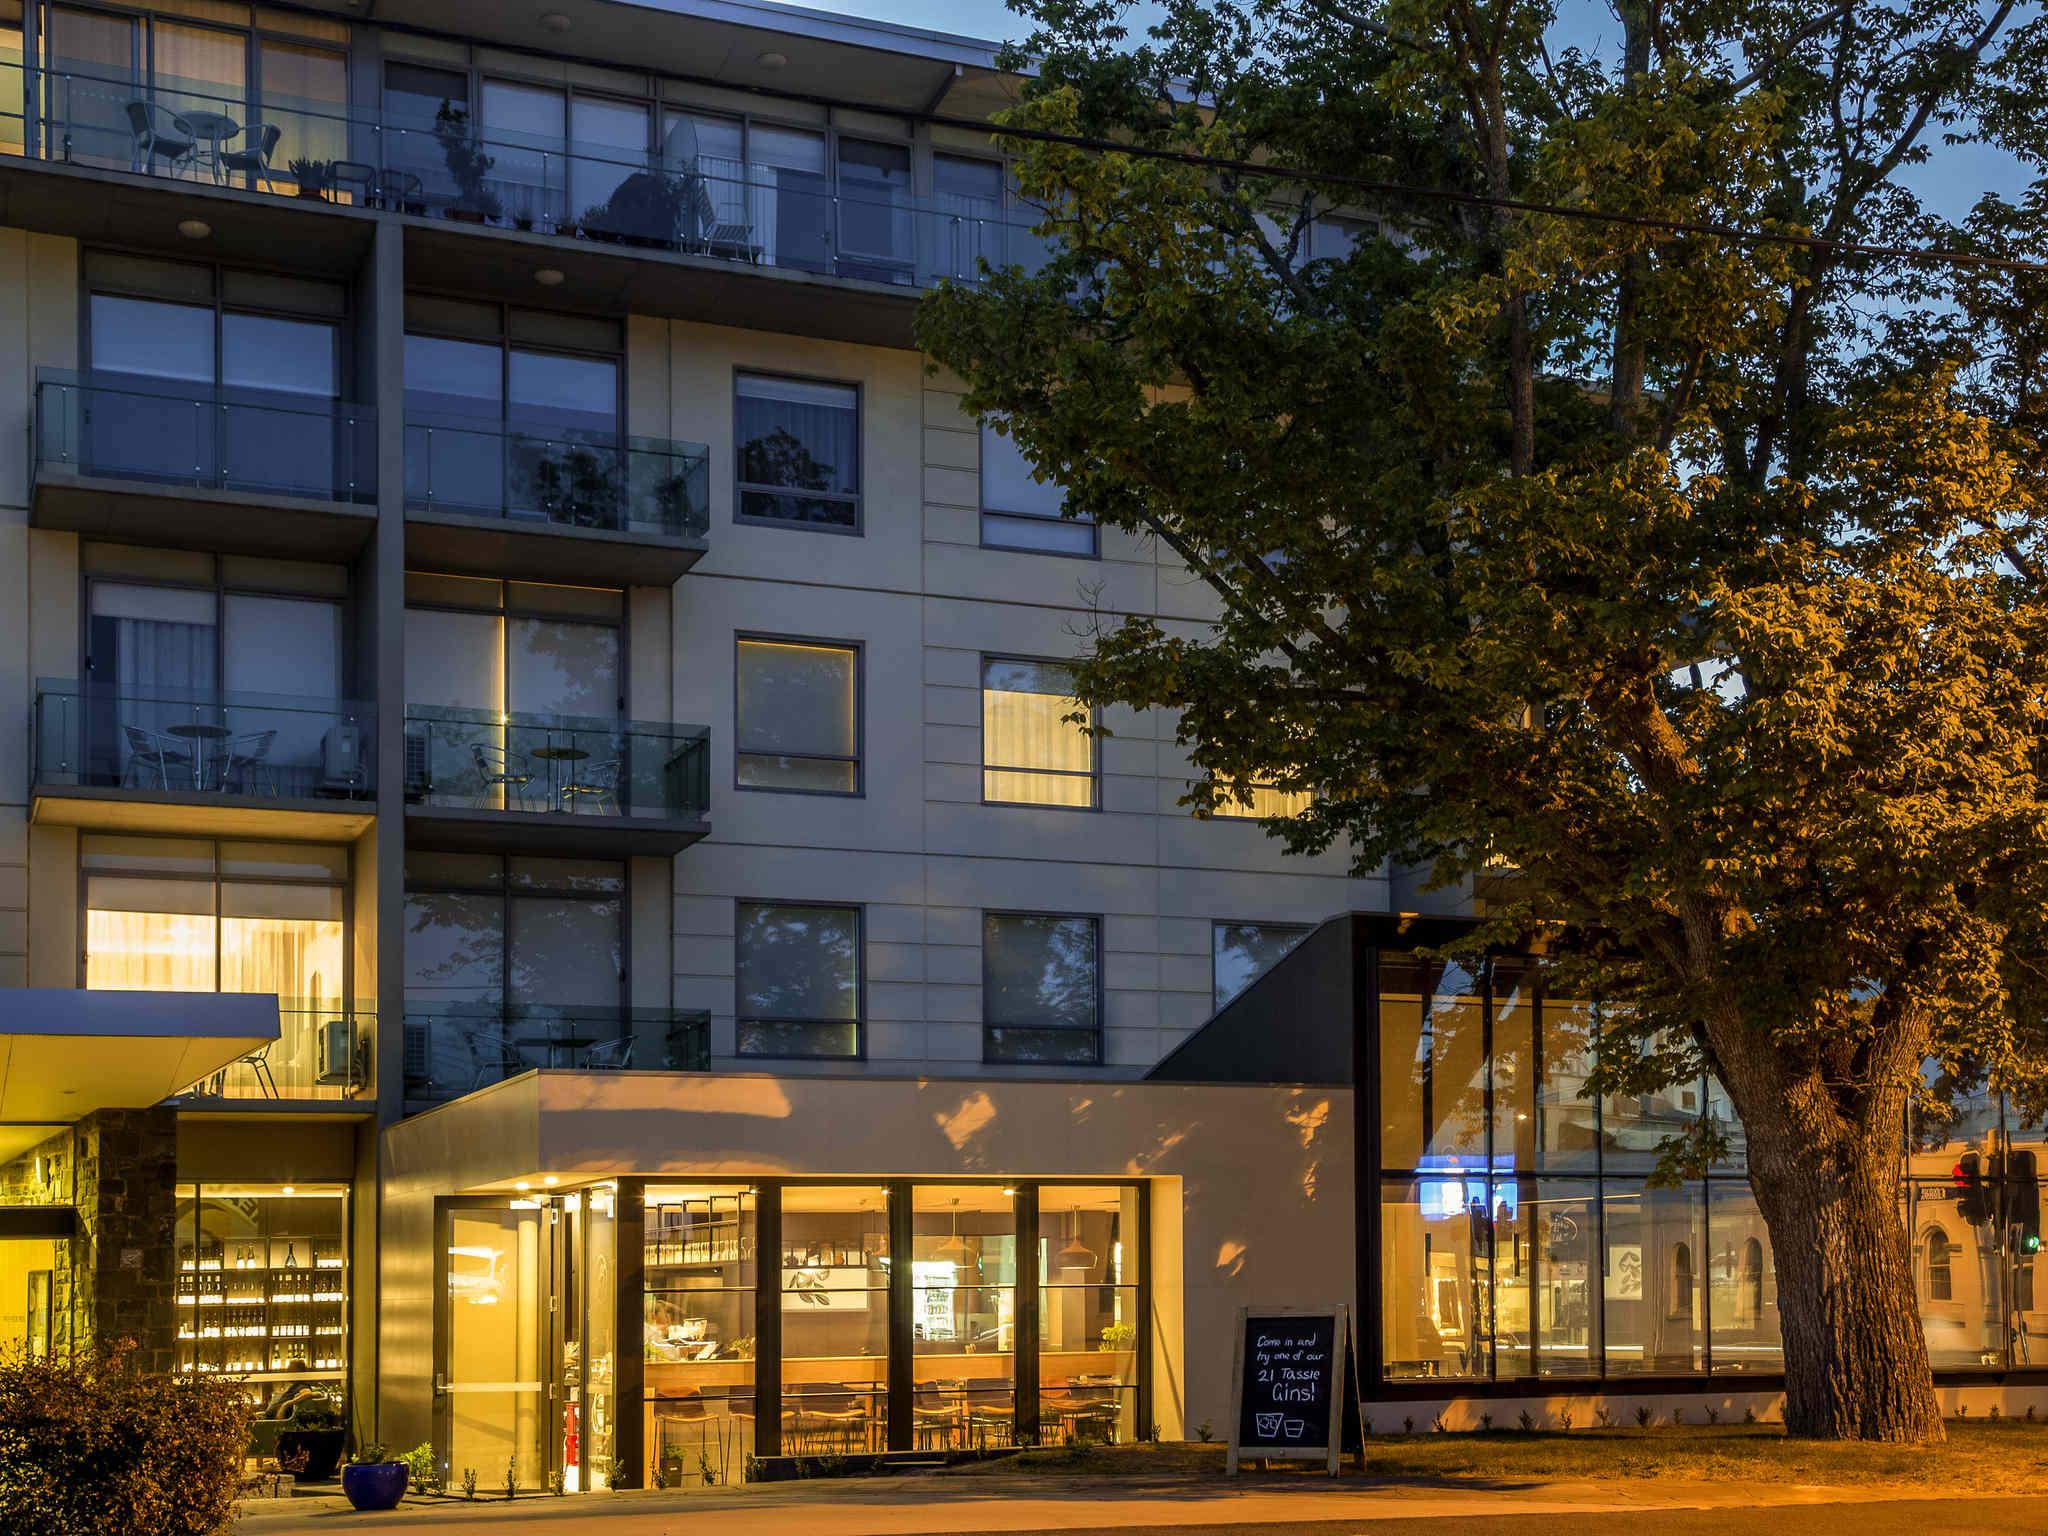 โรงแรม – The Sebel Launceston